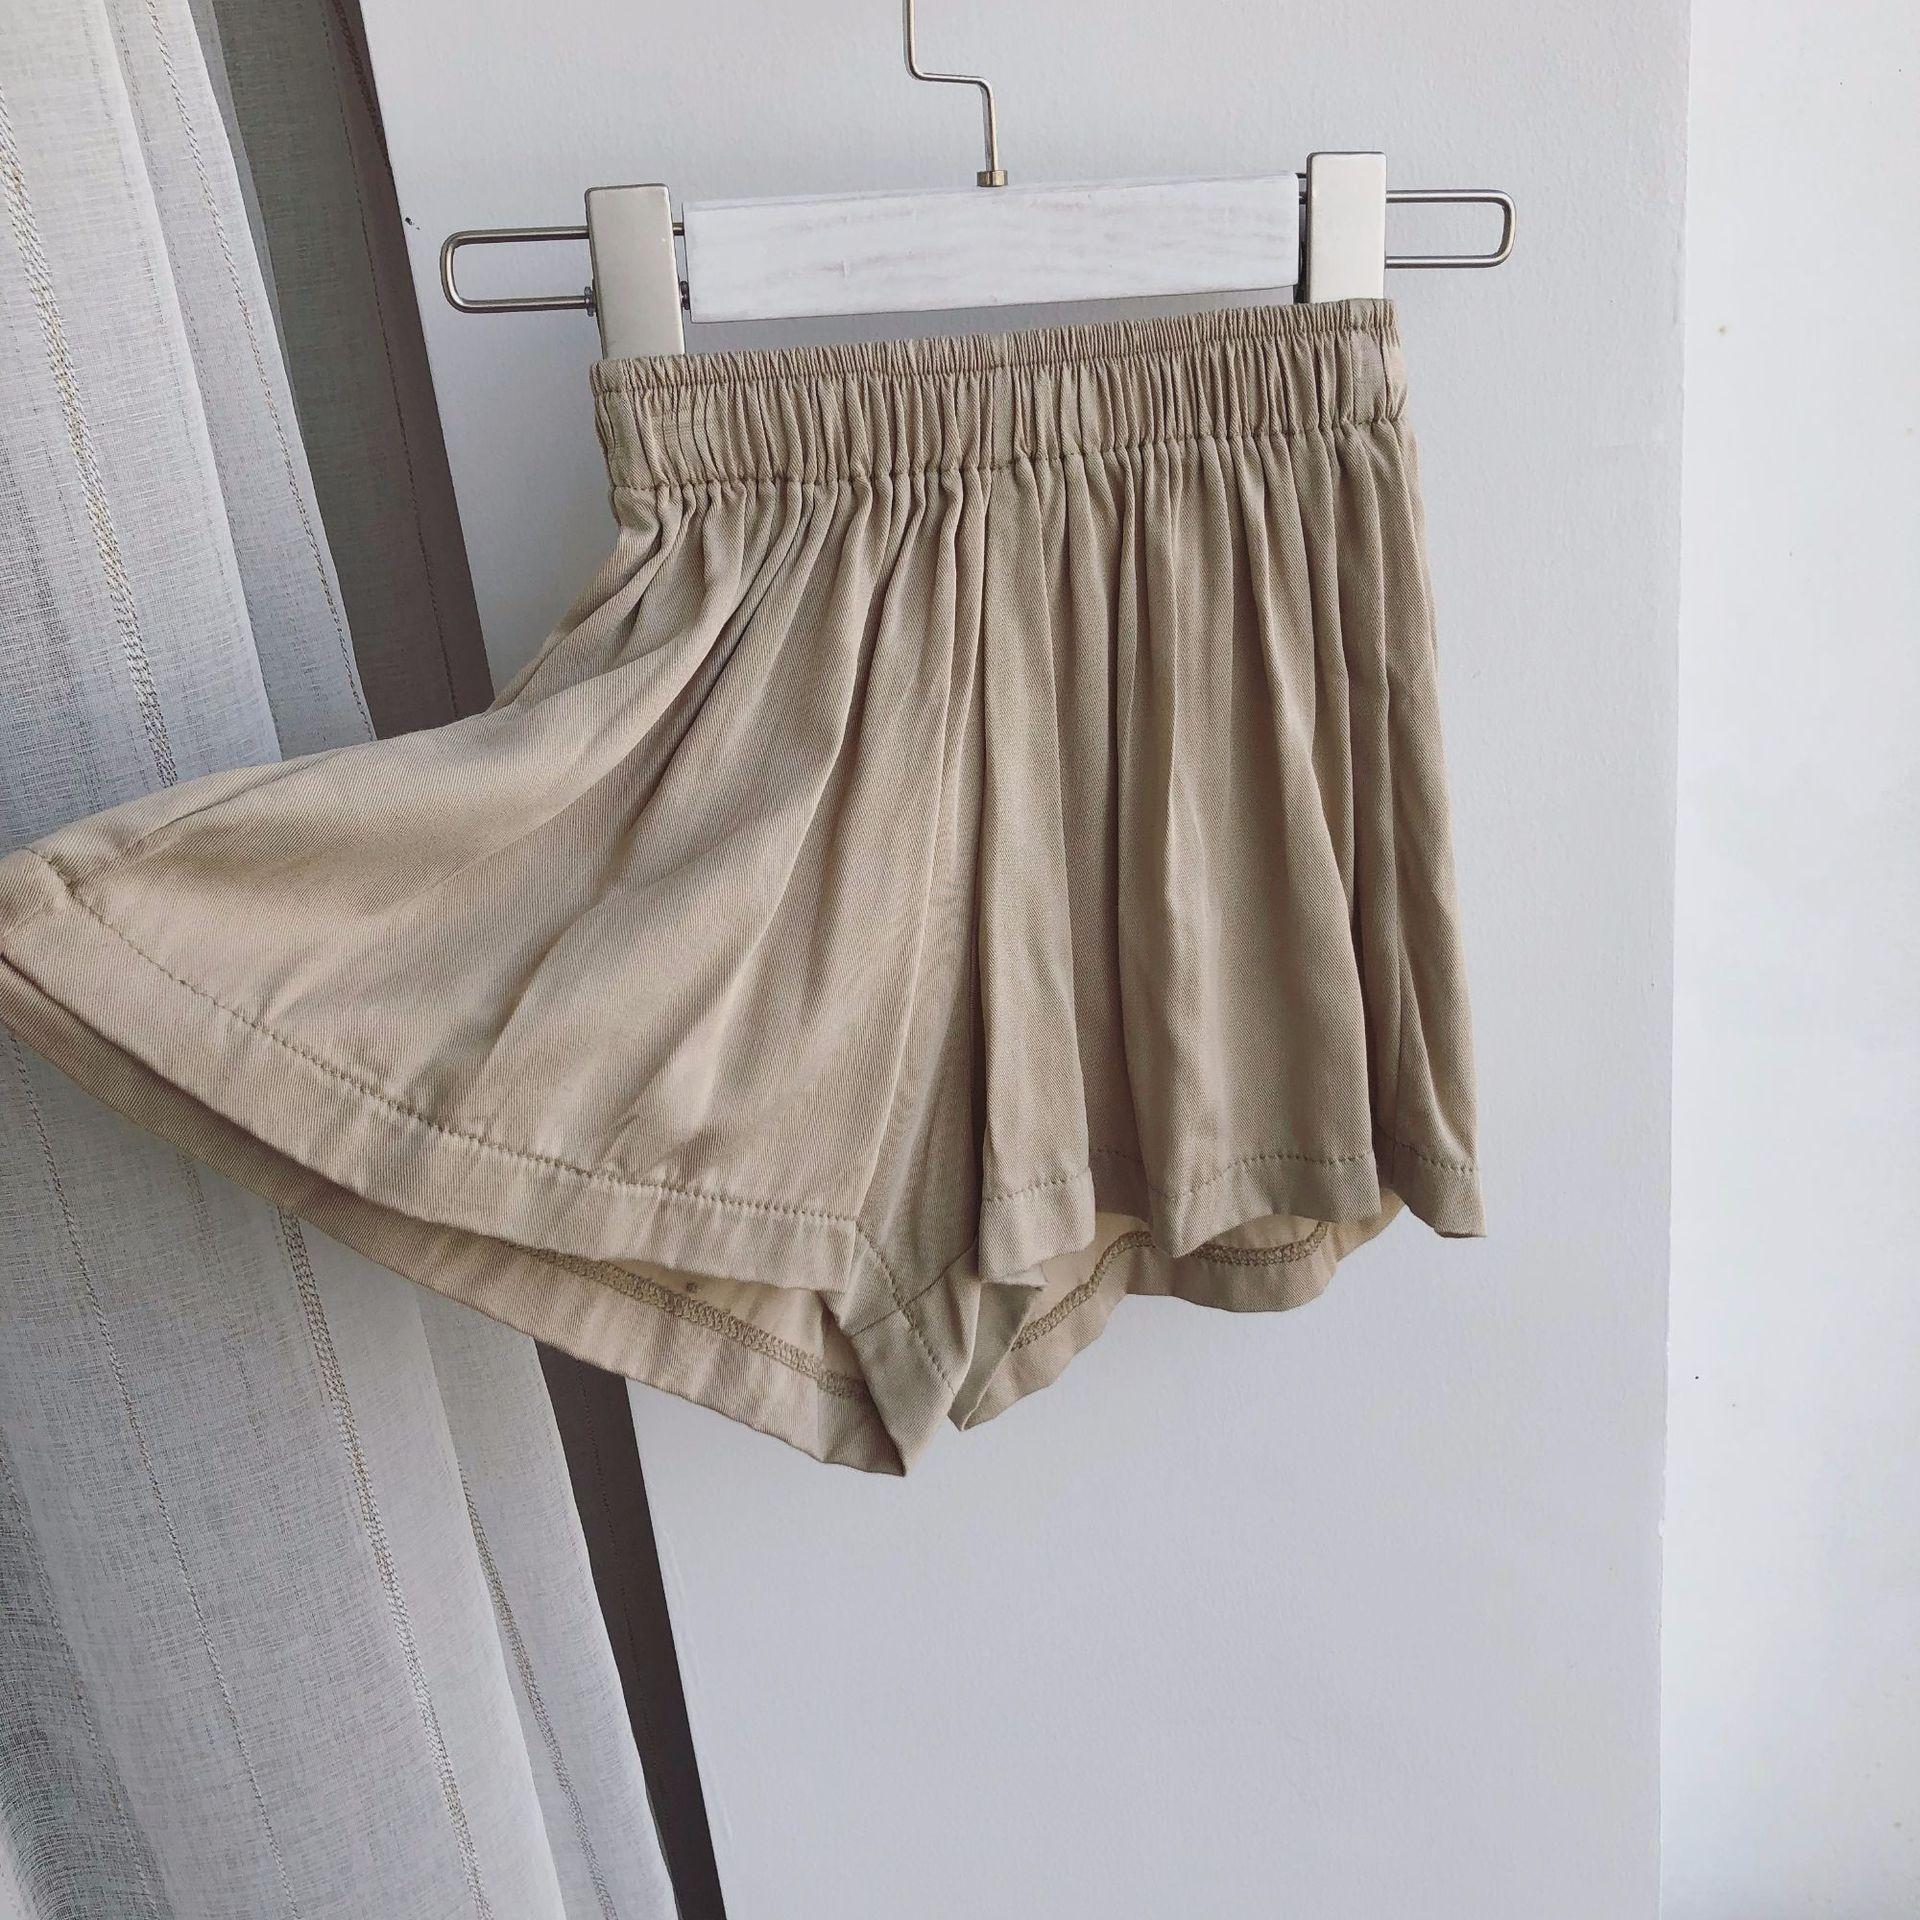 Spodnie letnie Szerokie spodnie dla dzieci Spodnie dla dzieci Ubrania - Ubrania dziecięce - Zdjęcie 4